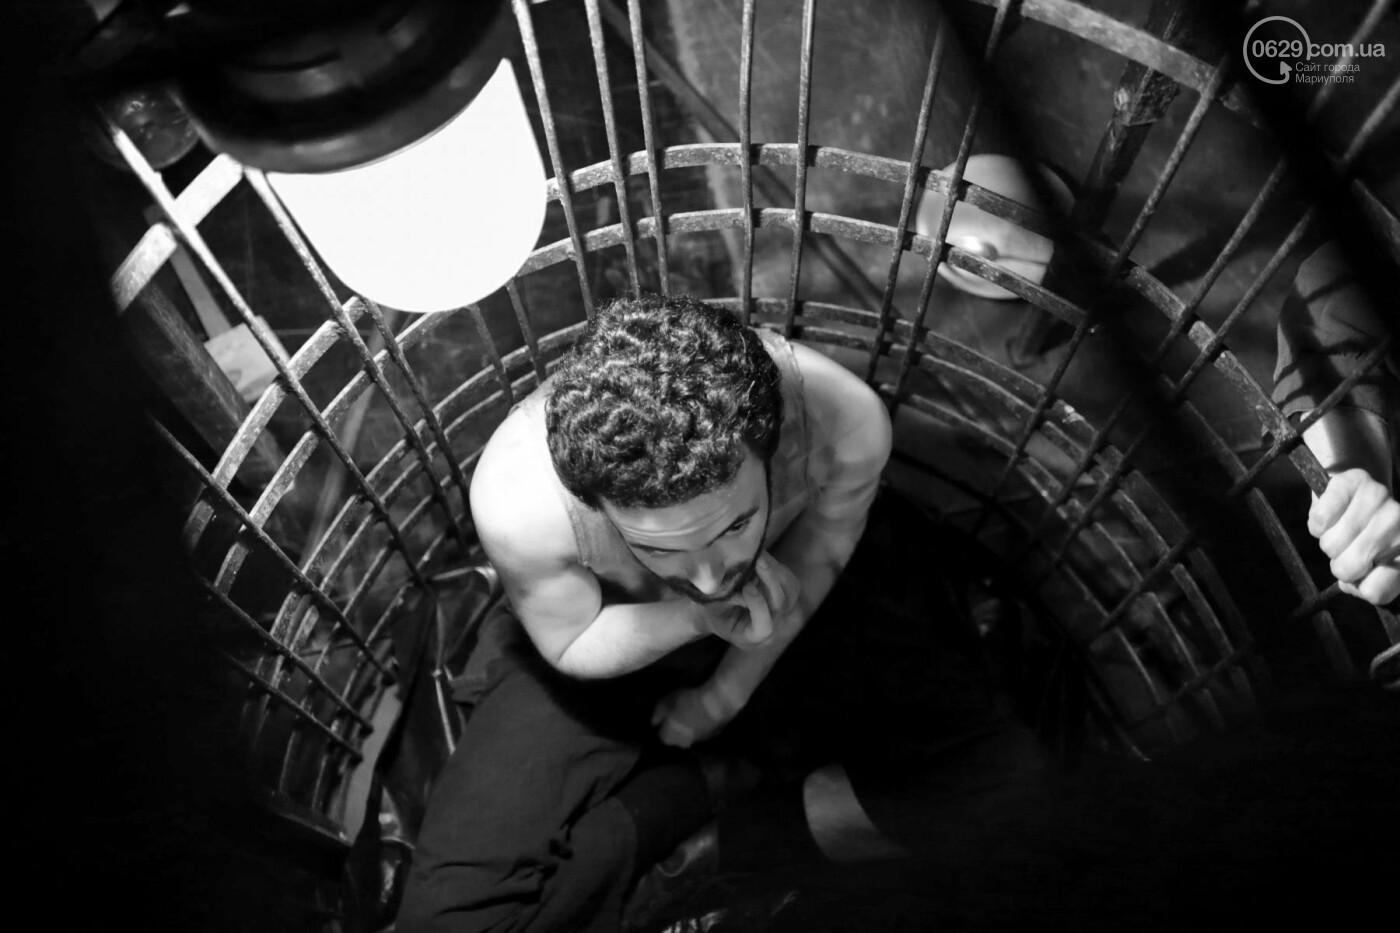 """В Мариуполе зрителей  спектакля  """"Собачья будка"""" посадили в клетку (ФОТО, ВИДЕО), фото-11"""